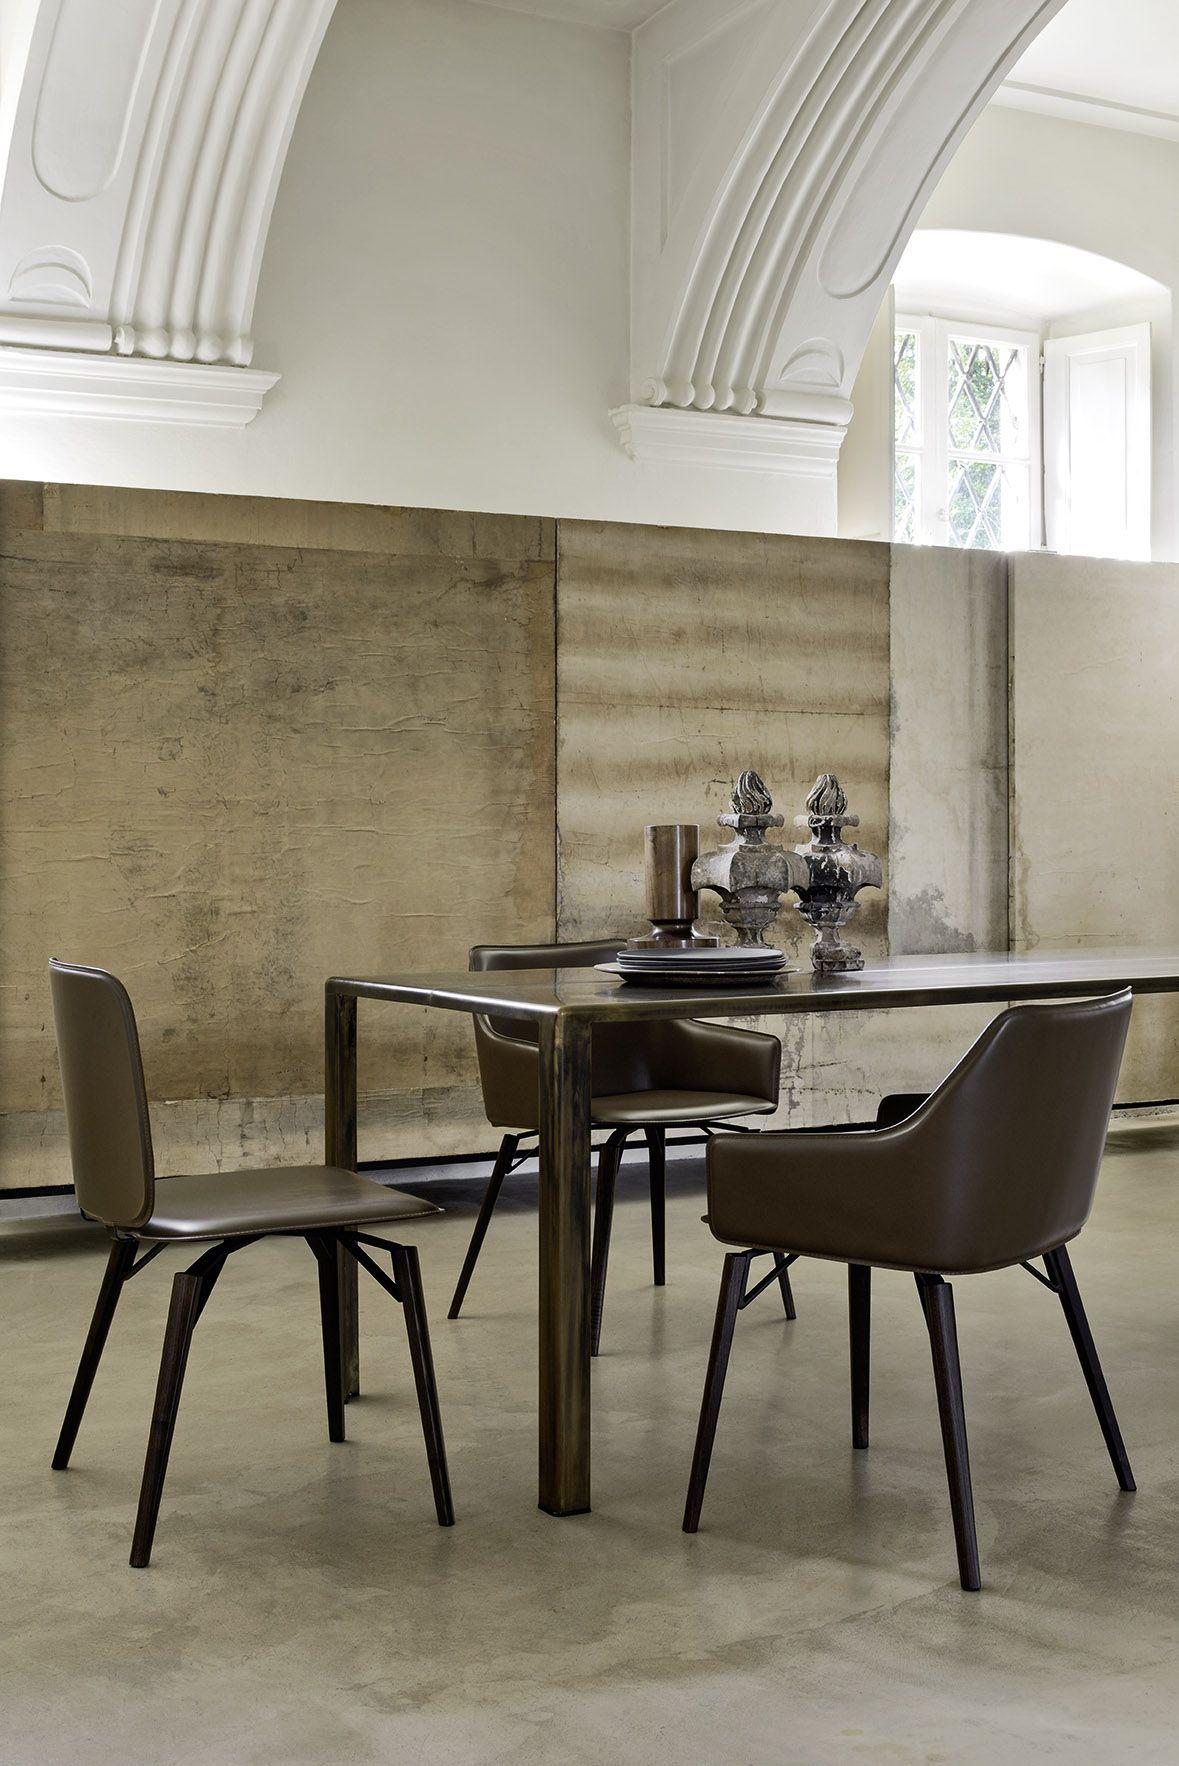 Iki Chair Design Christophe Pillet